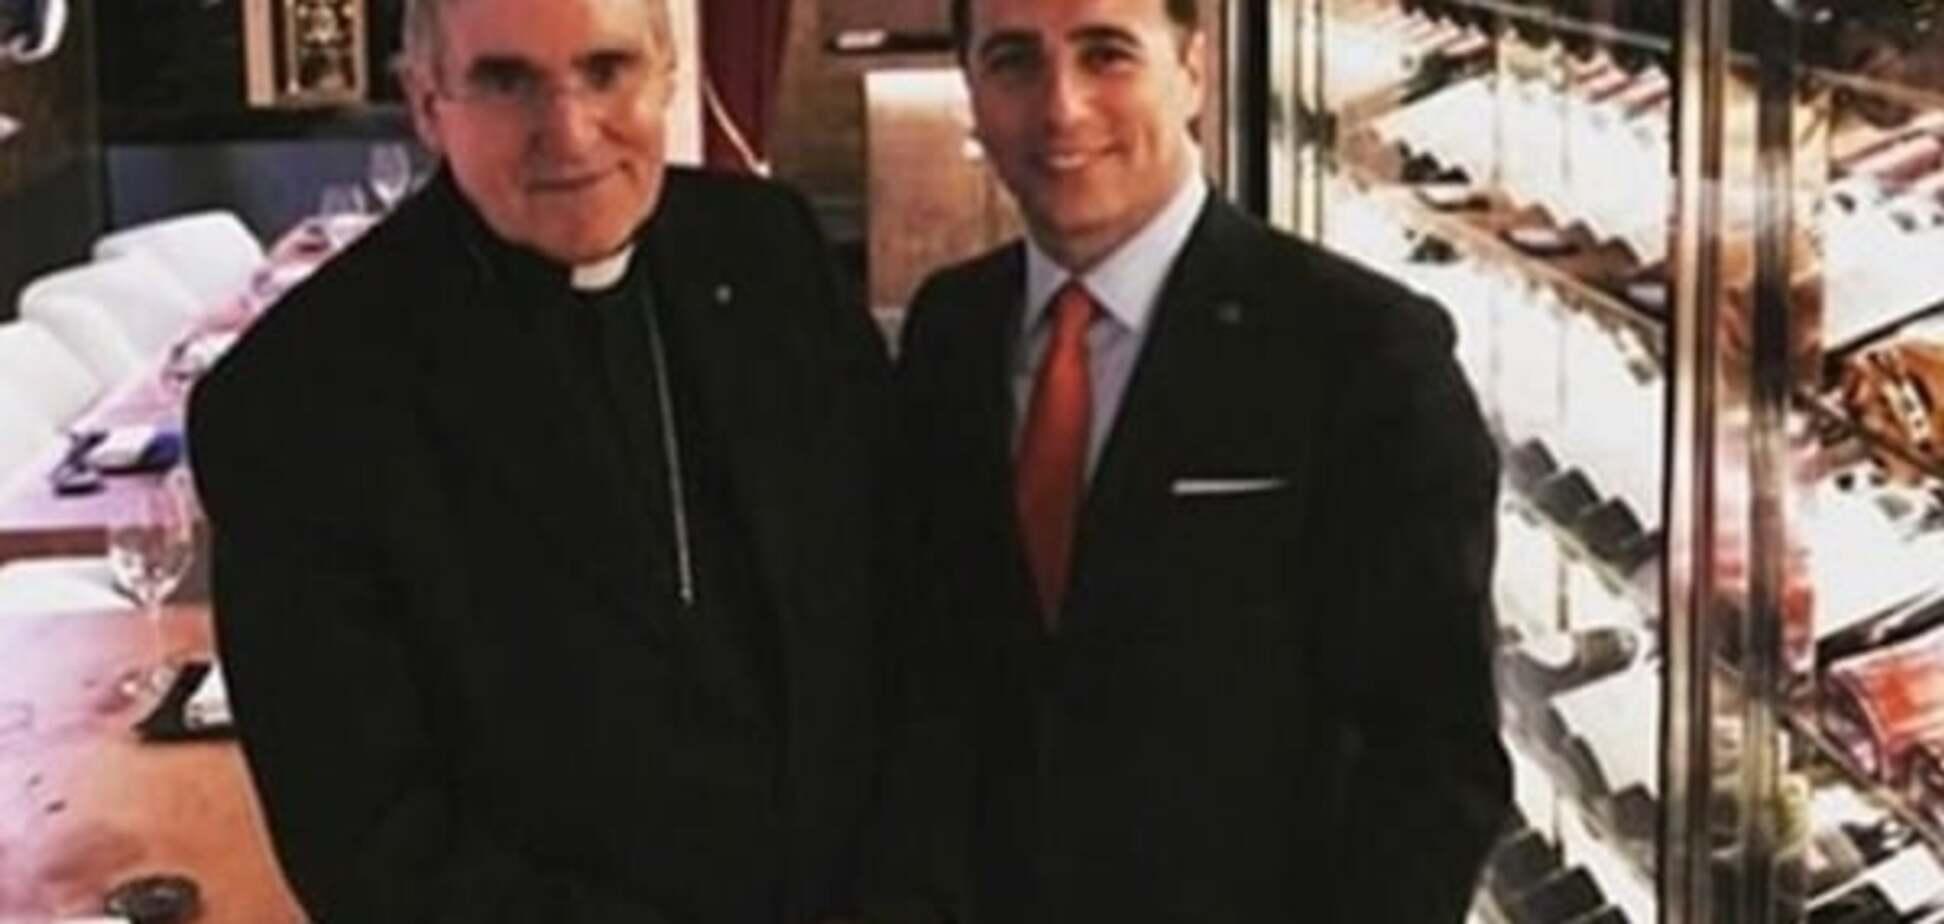 архієпископ Барселони кардинал Сістач